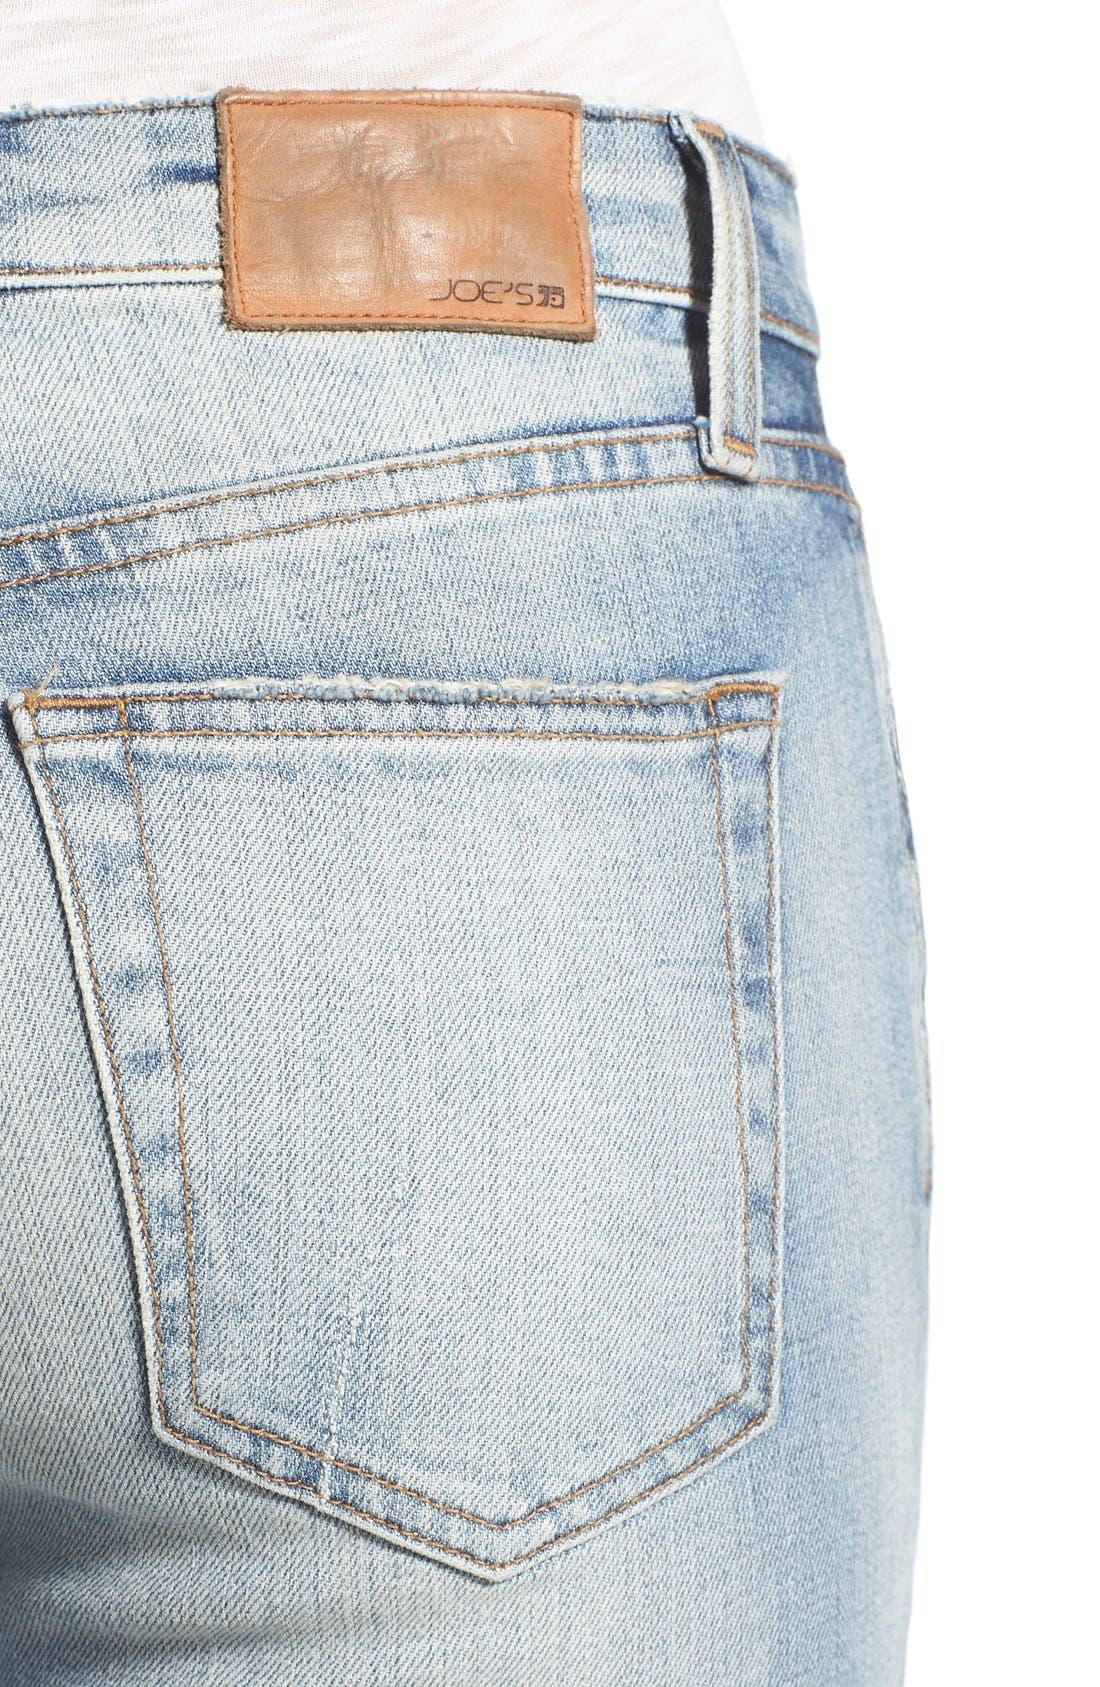 'Collector's - Billie' Ankle Slim Boyfriend Jeans,                             Alternate thumbnail 4, color,                             430